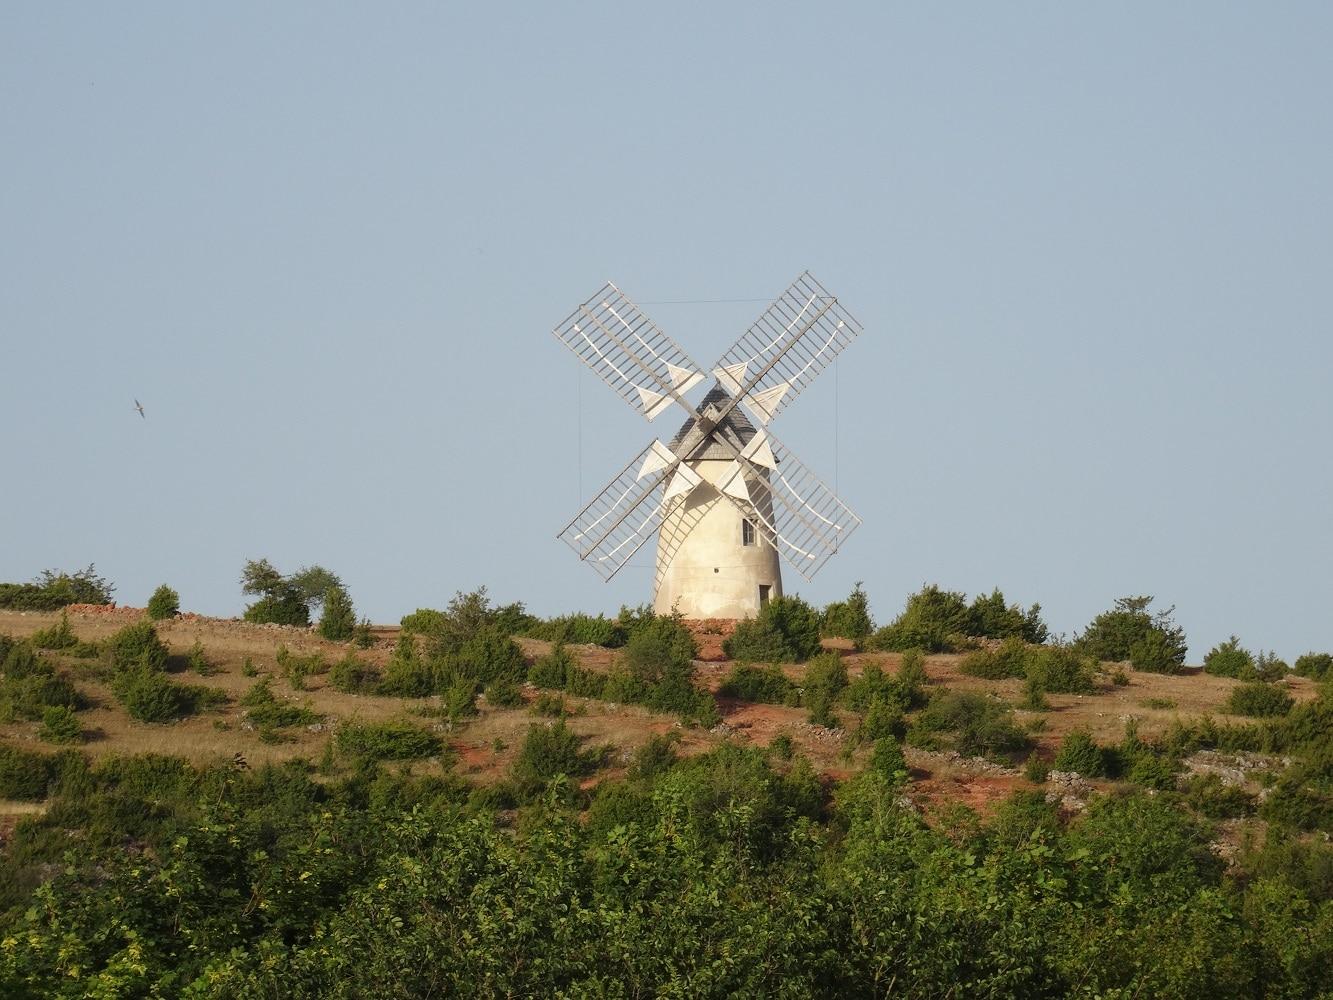 Moulin de La Couvertoirade, cité médiévale de l'Aveyron